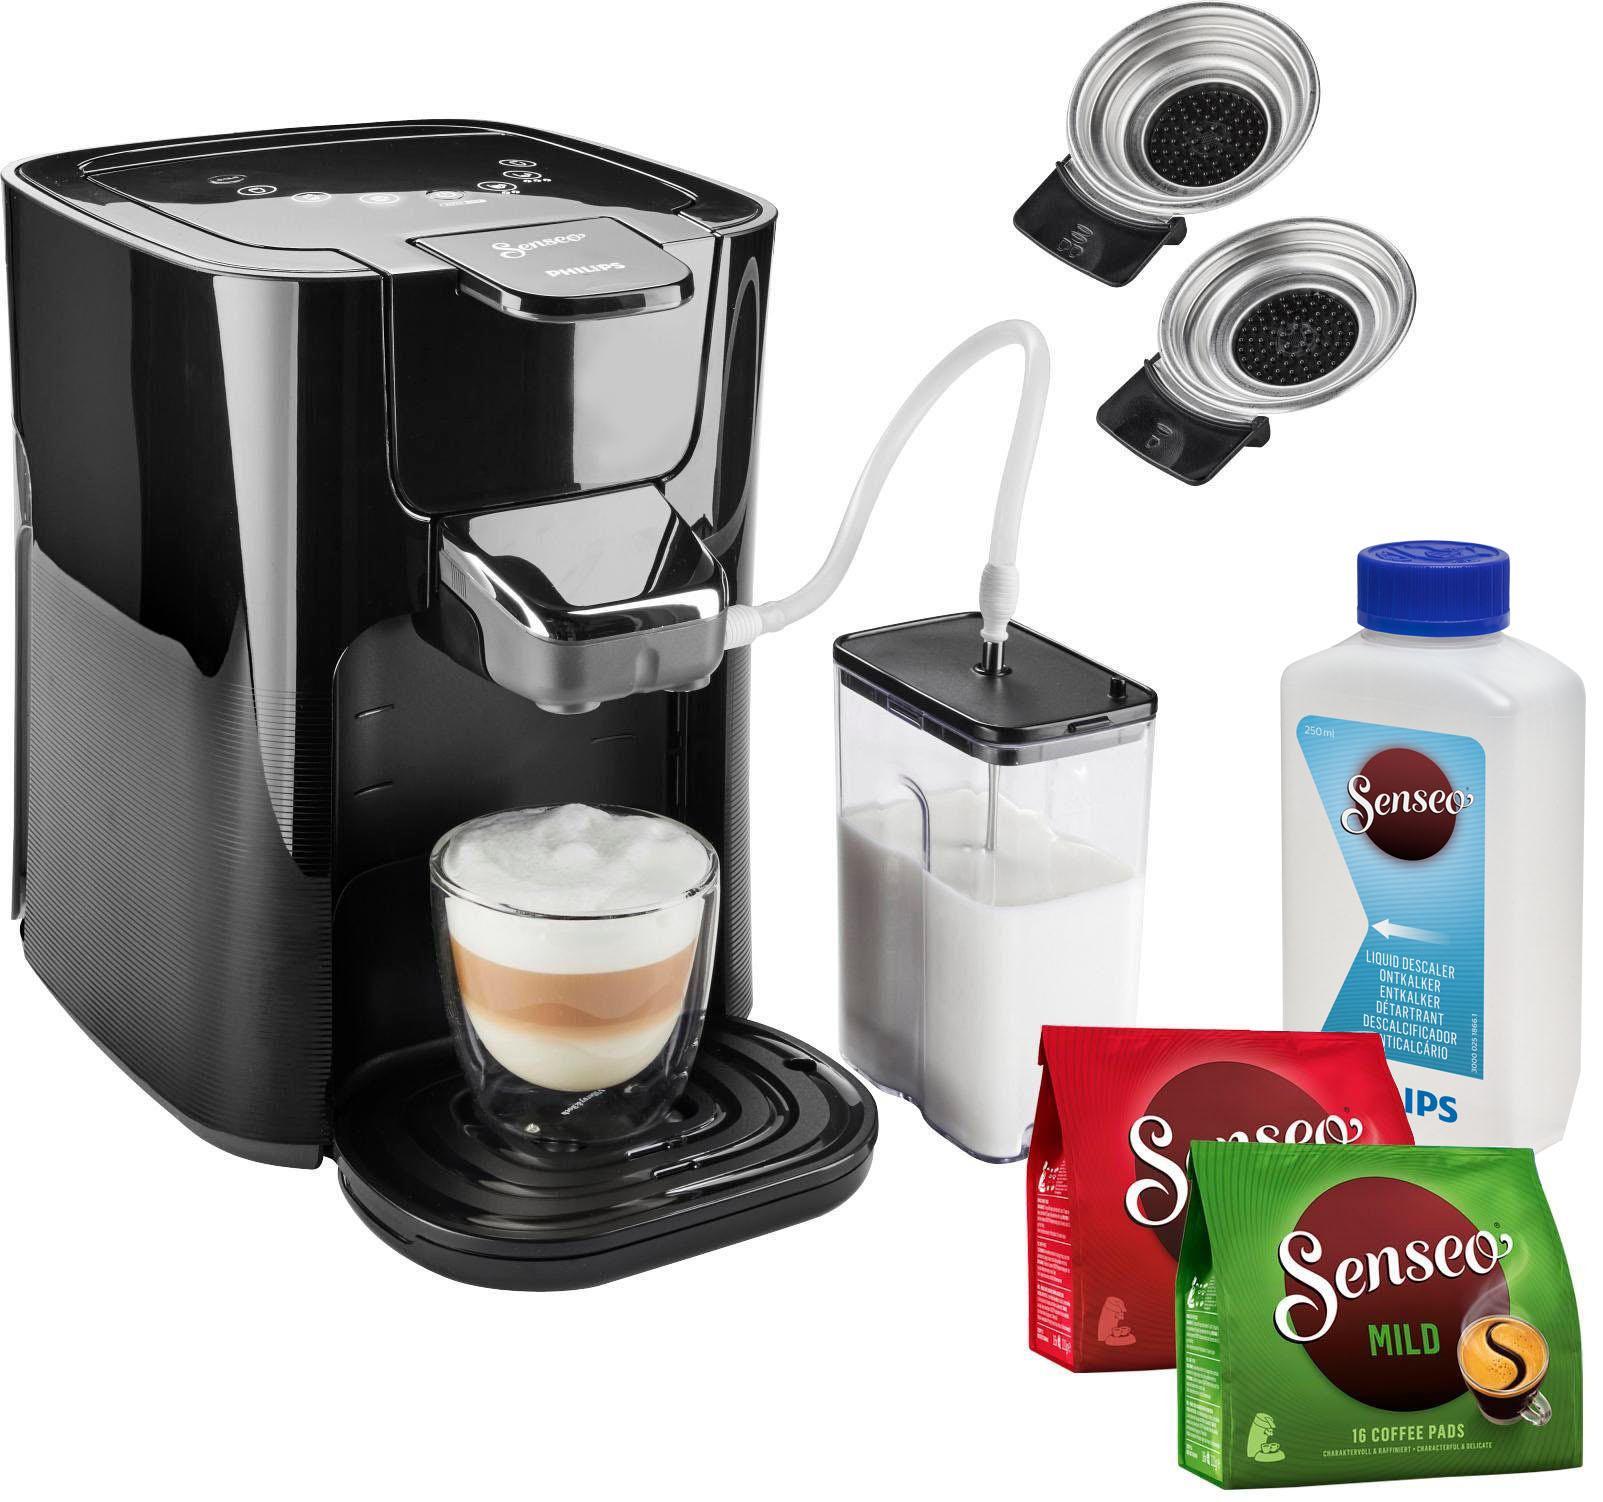 senseo kaffeepadmaschine hd6570 60 latte duo auf rechnung